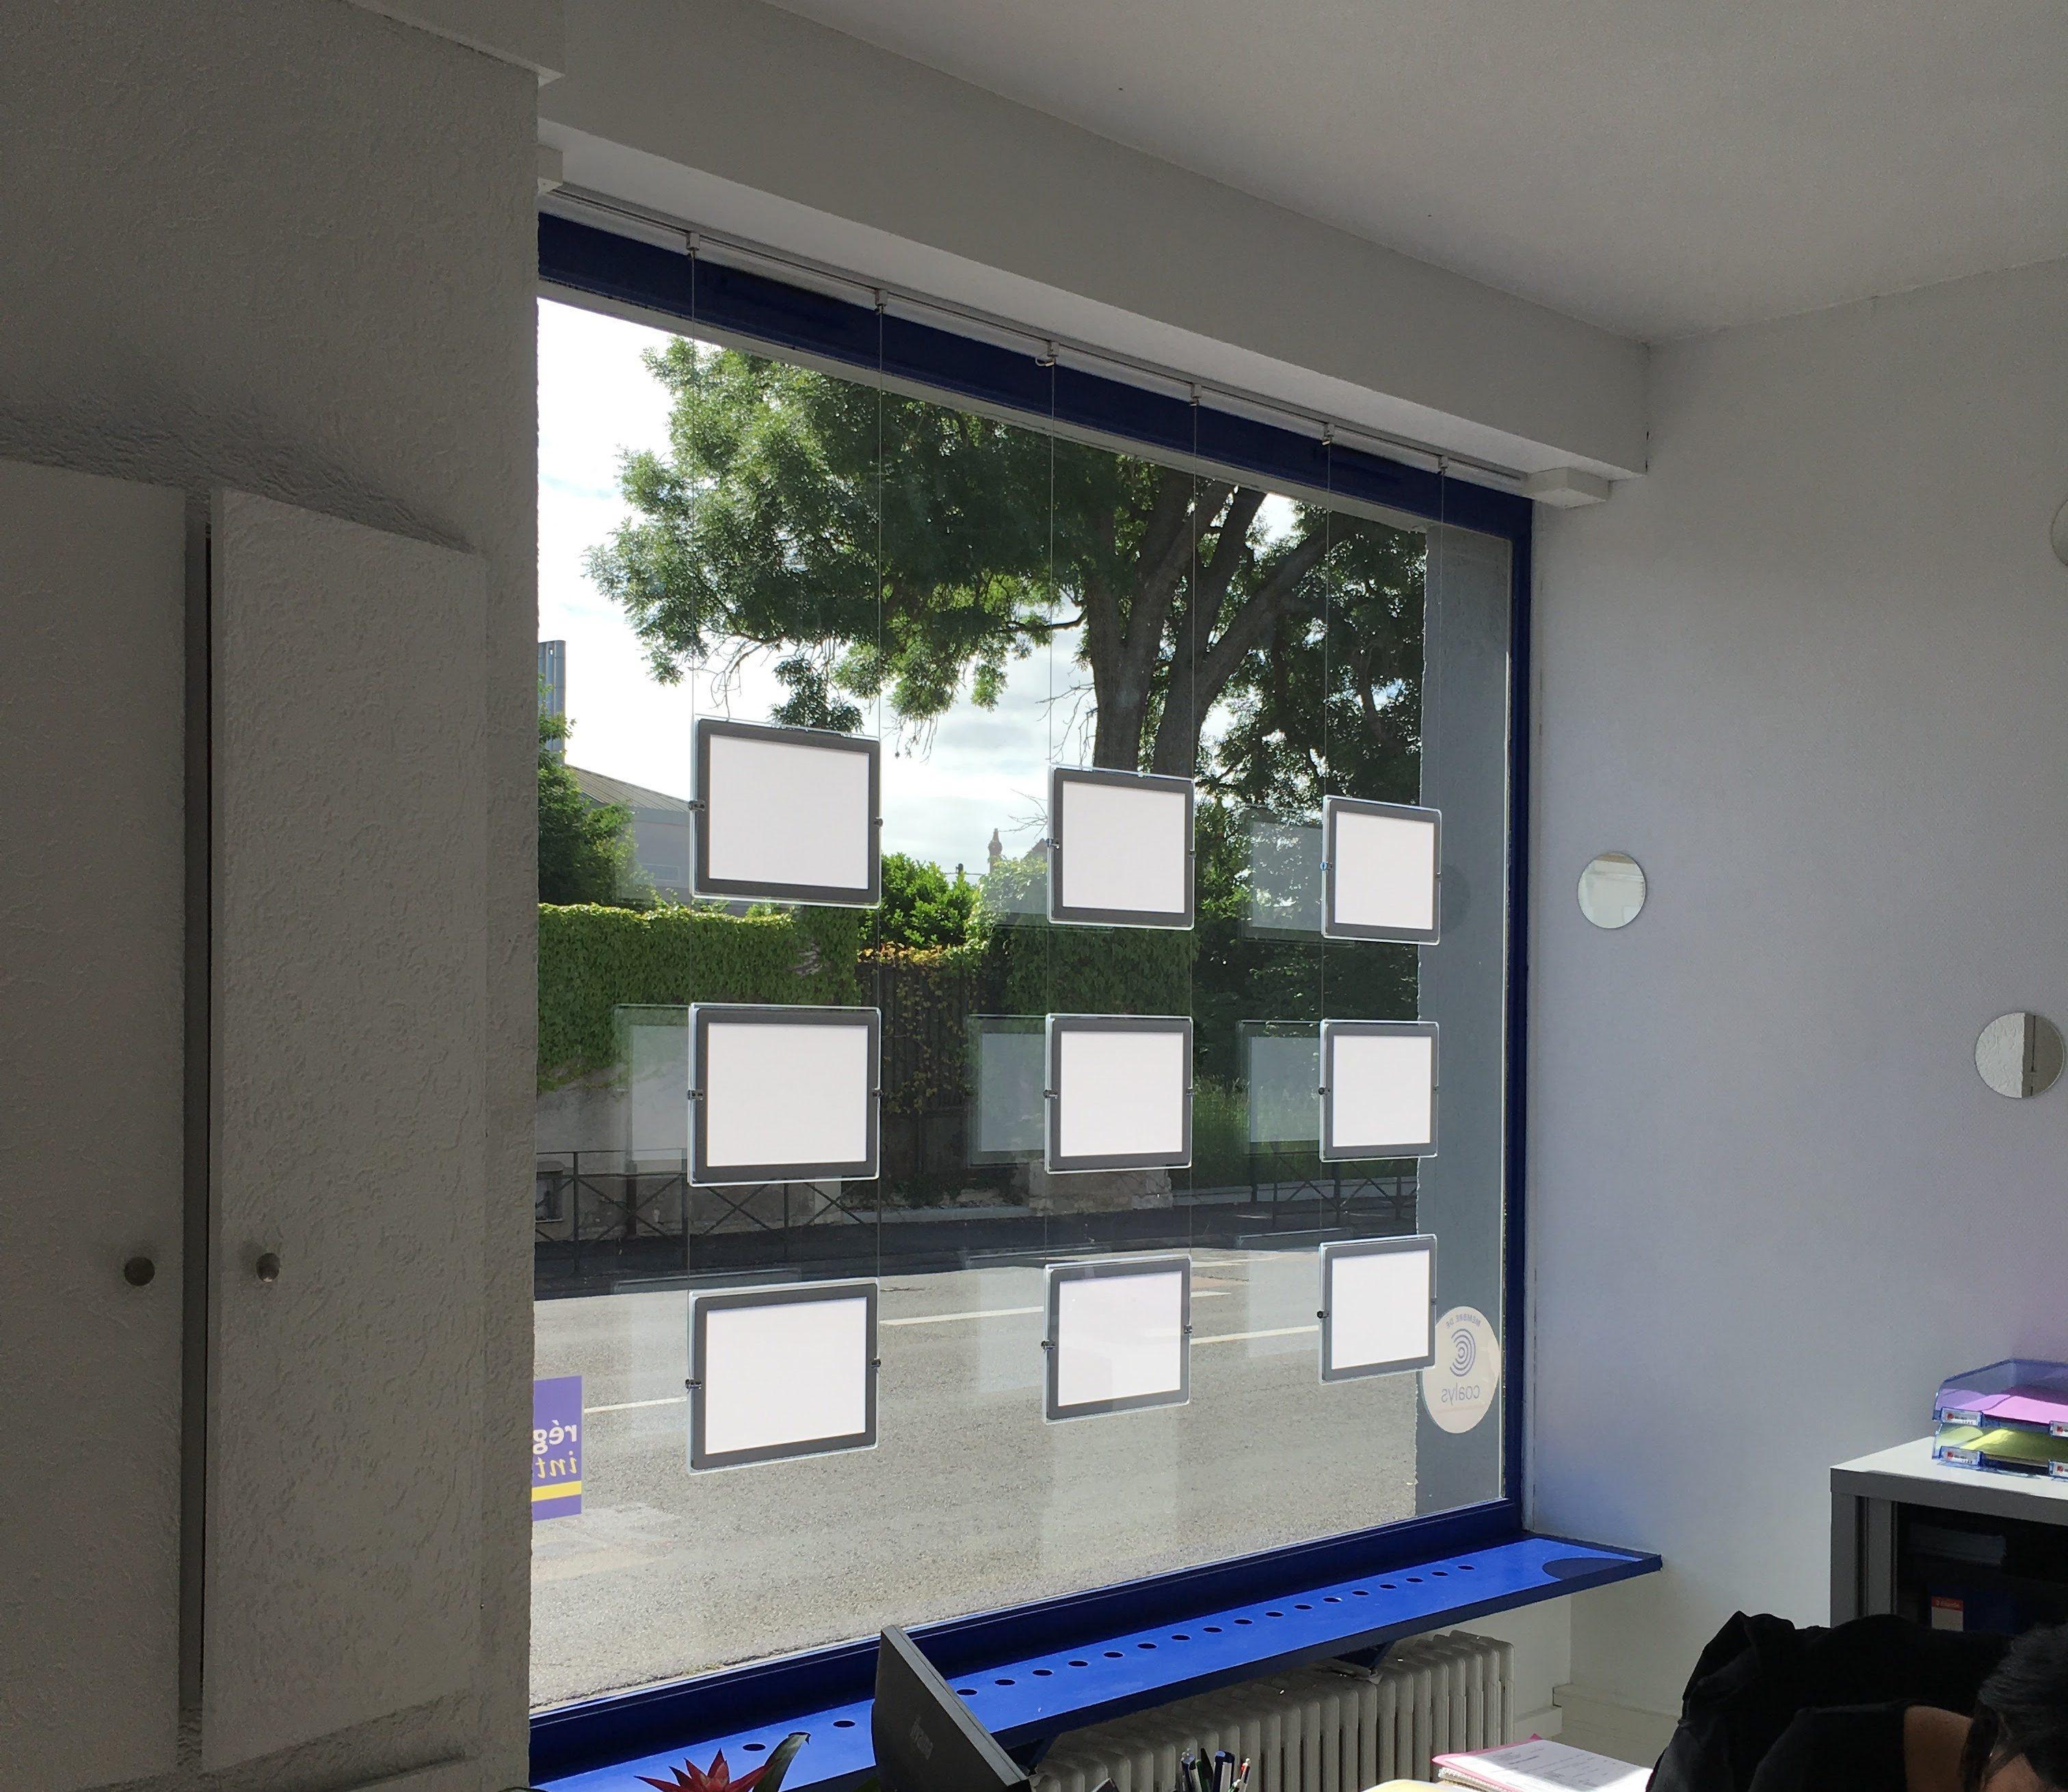 Installation Visuel Intérieur Cadres Porte affiche LED